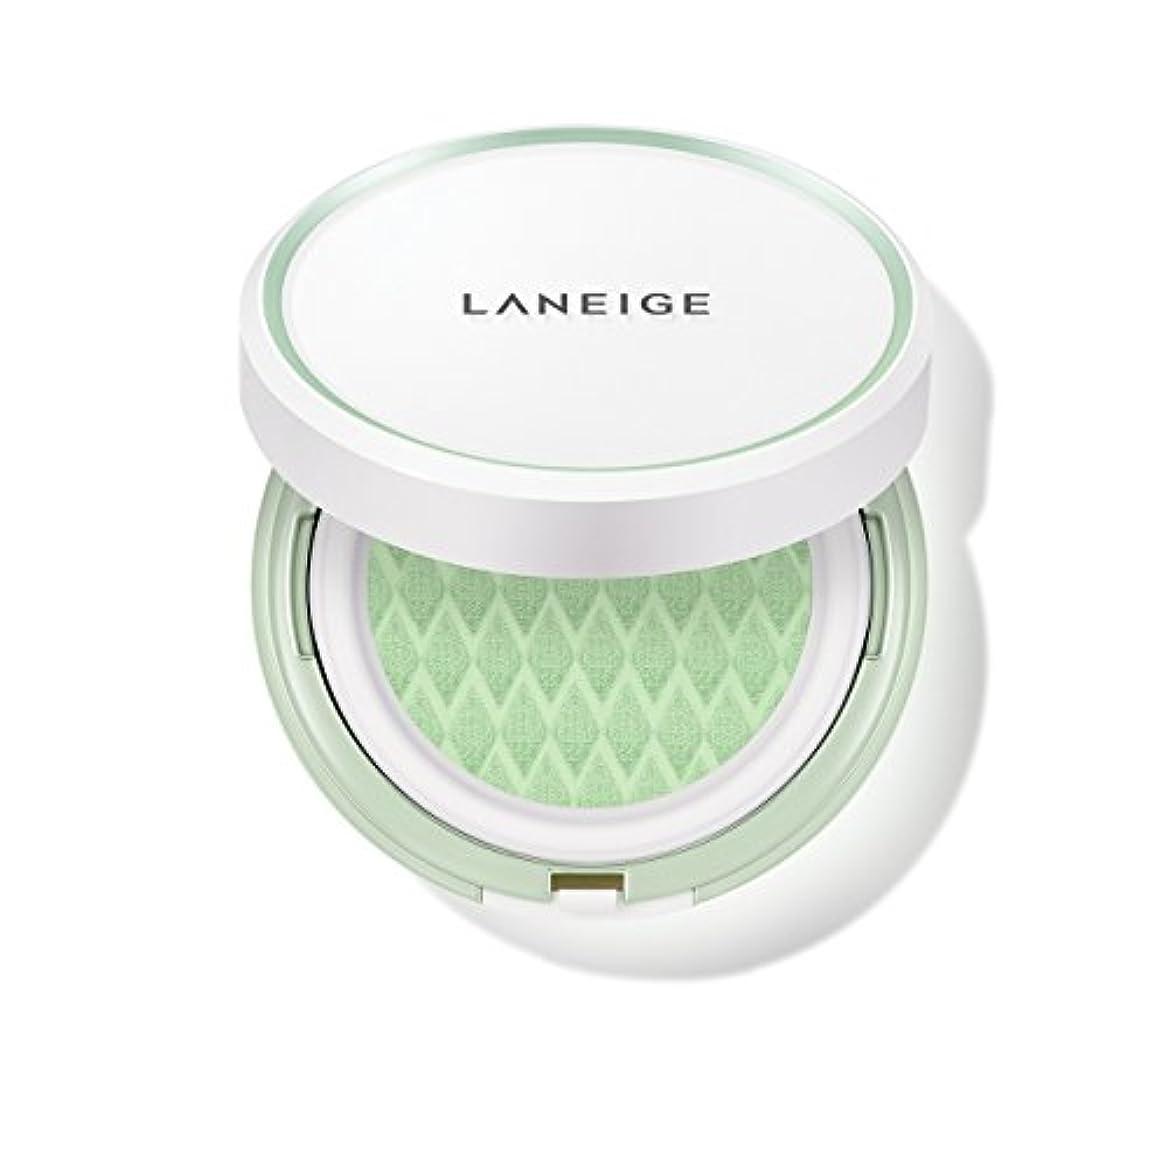 エレベーター魂一ラネージュ[LANEIGE]*AMOREPACIFIC*[新商品]スキンベなベースクッションSPF 22PA++(#60 Light Green) 15g*2 / LANEIGE Skin Veil Base Cushion...